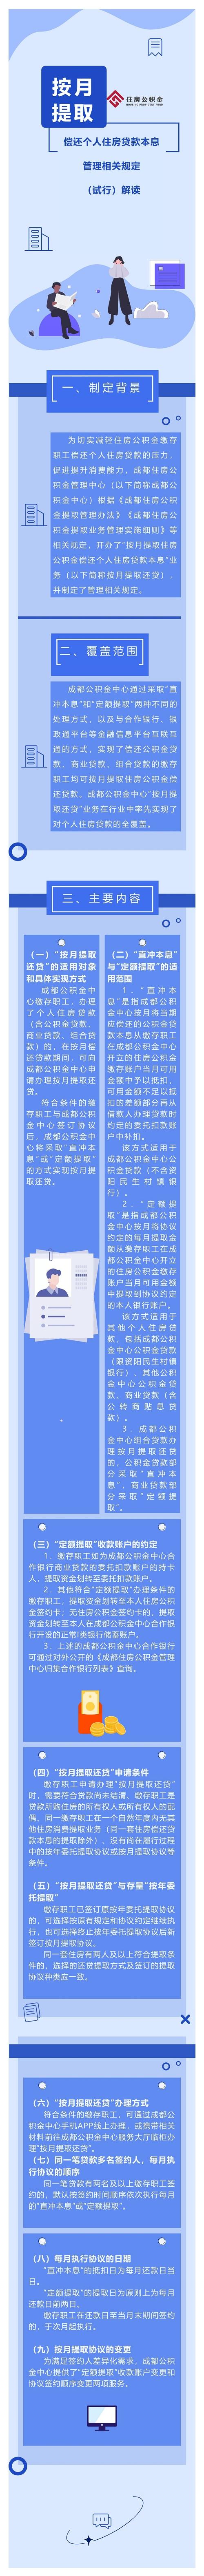 網頁捕獲_17-9-2021_14619_mp.weixin.qq.com.jpeg